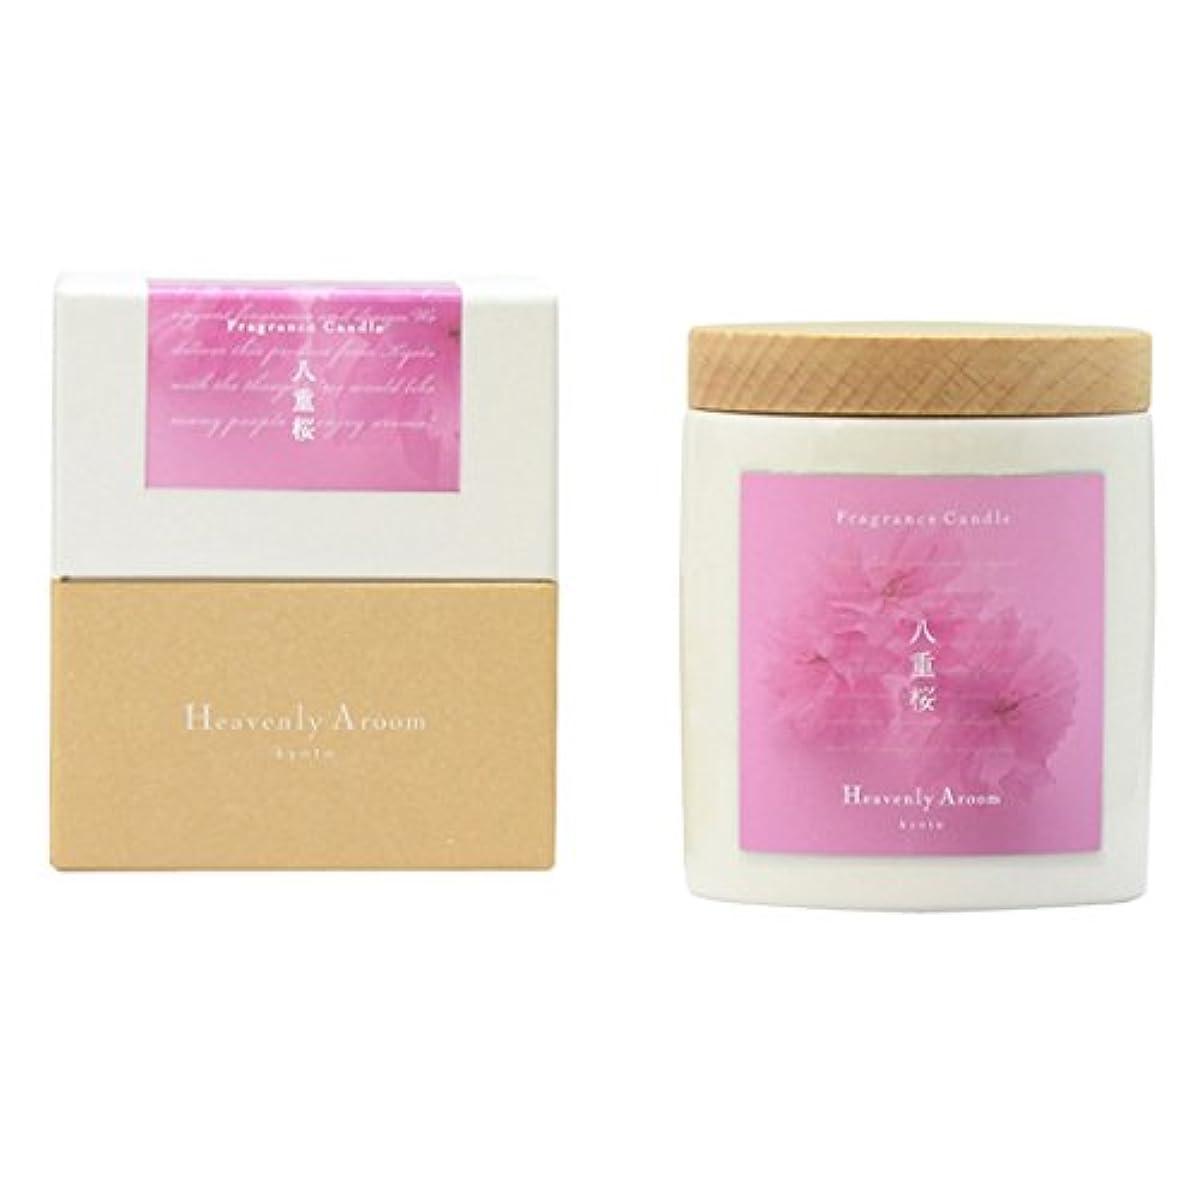 地下室版横Heavenly Aroom フレグランスキャンドルS 八重桜 80g